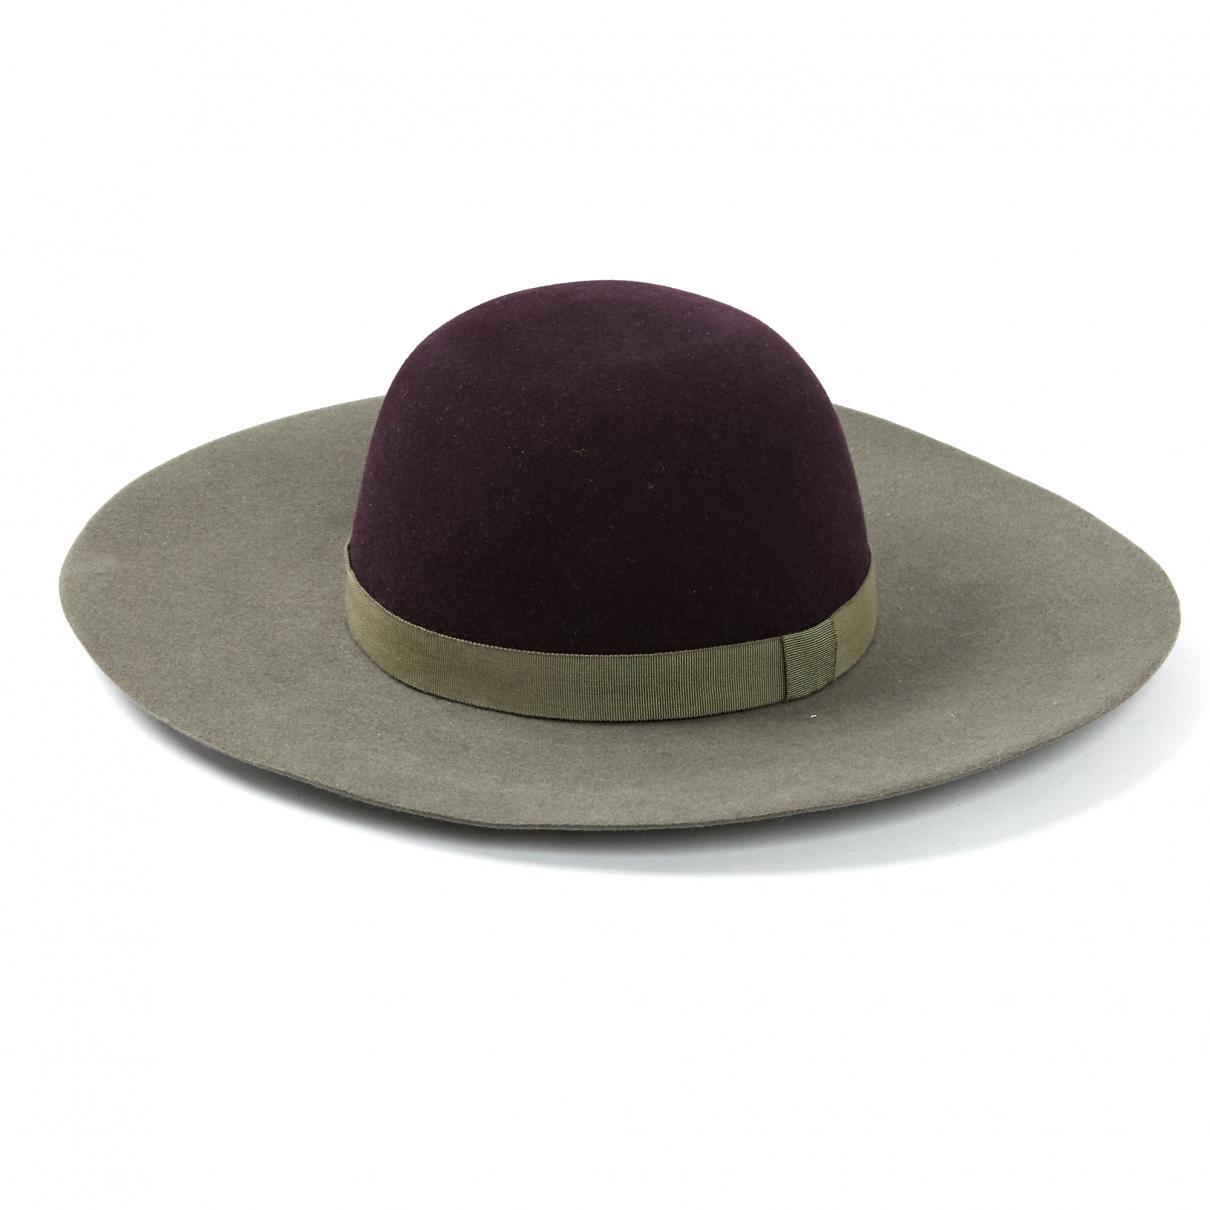 f05e8106fe9b4 Chanel Rabbit Hat in Gray - Lyst